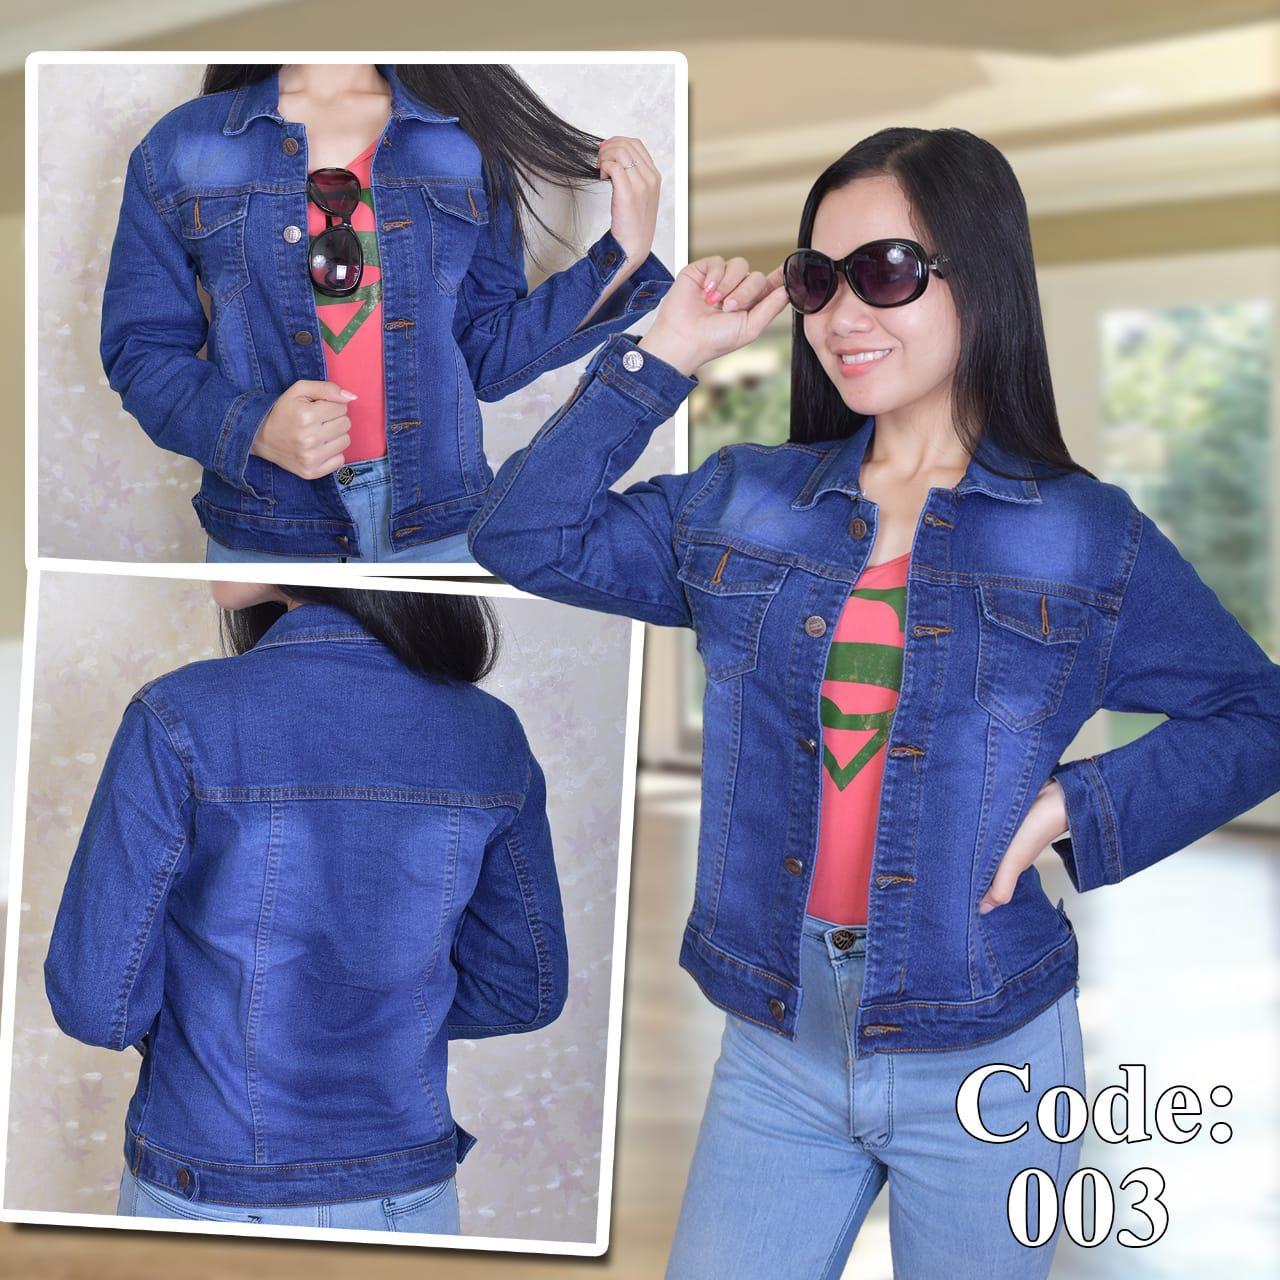 Jaket Jeans Denim Wanita Terbaru 2019 Atasan Wanita Fashion Trendy Oversize Promo By Toko Nusantara--.